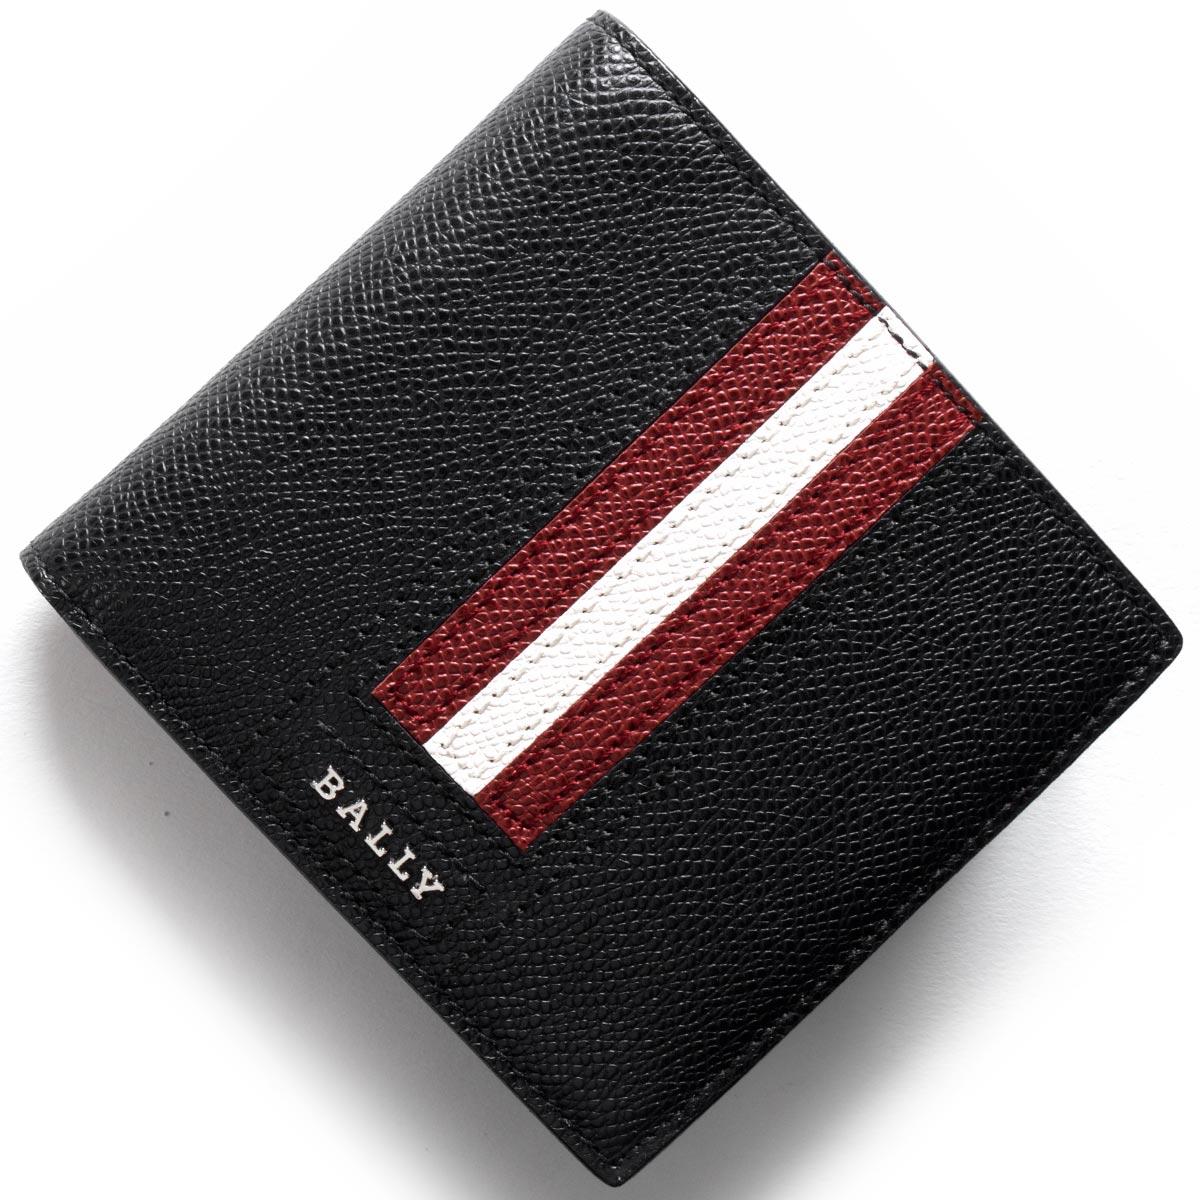 【1,000円OFFクーポン対象】バリー 二つ折り財布 財布 メンズ テイゼル TEISEL ブラック TEISELLT 210 6219953 BALLY